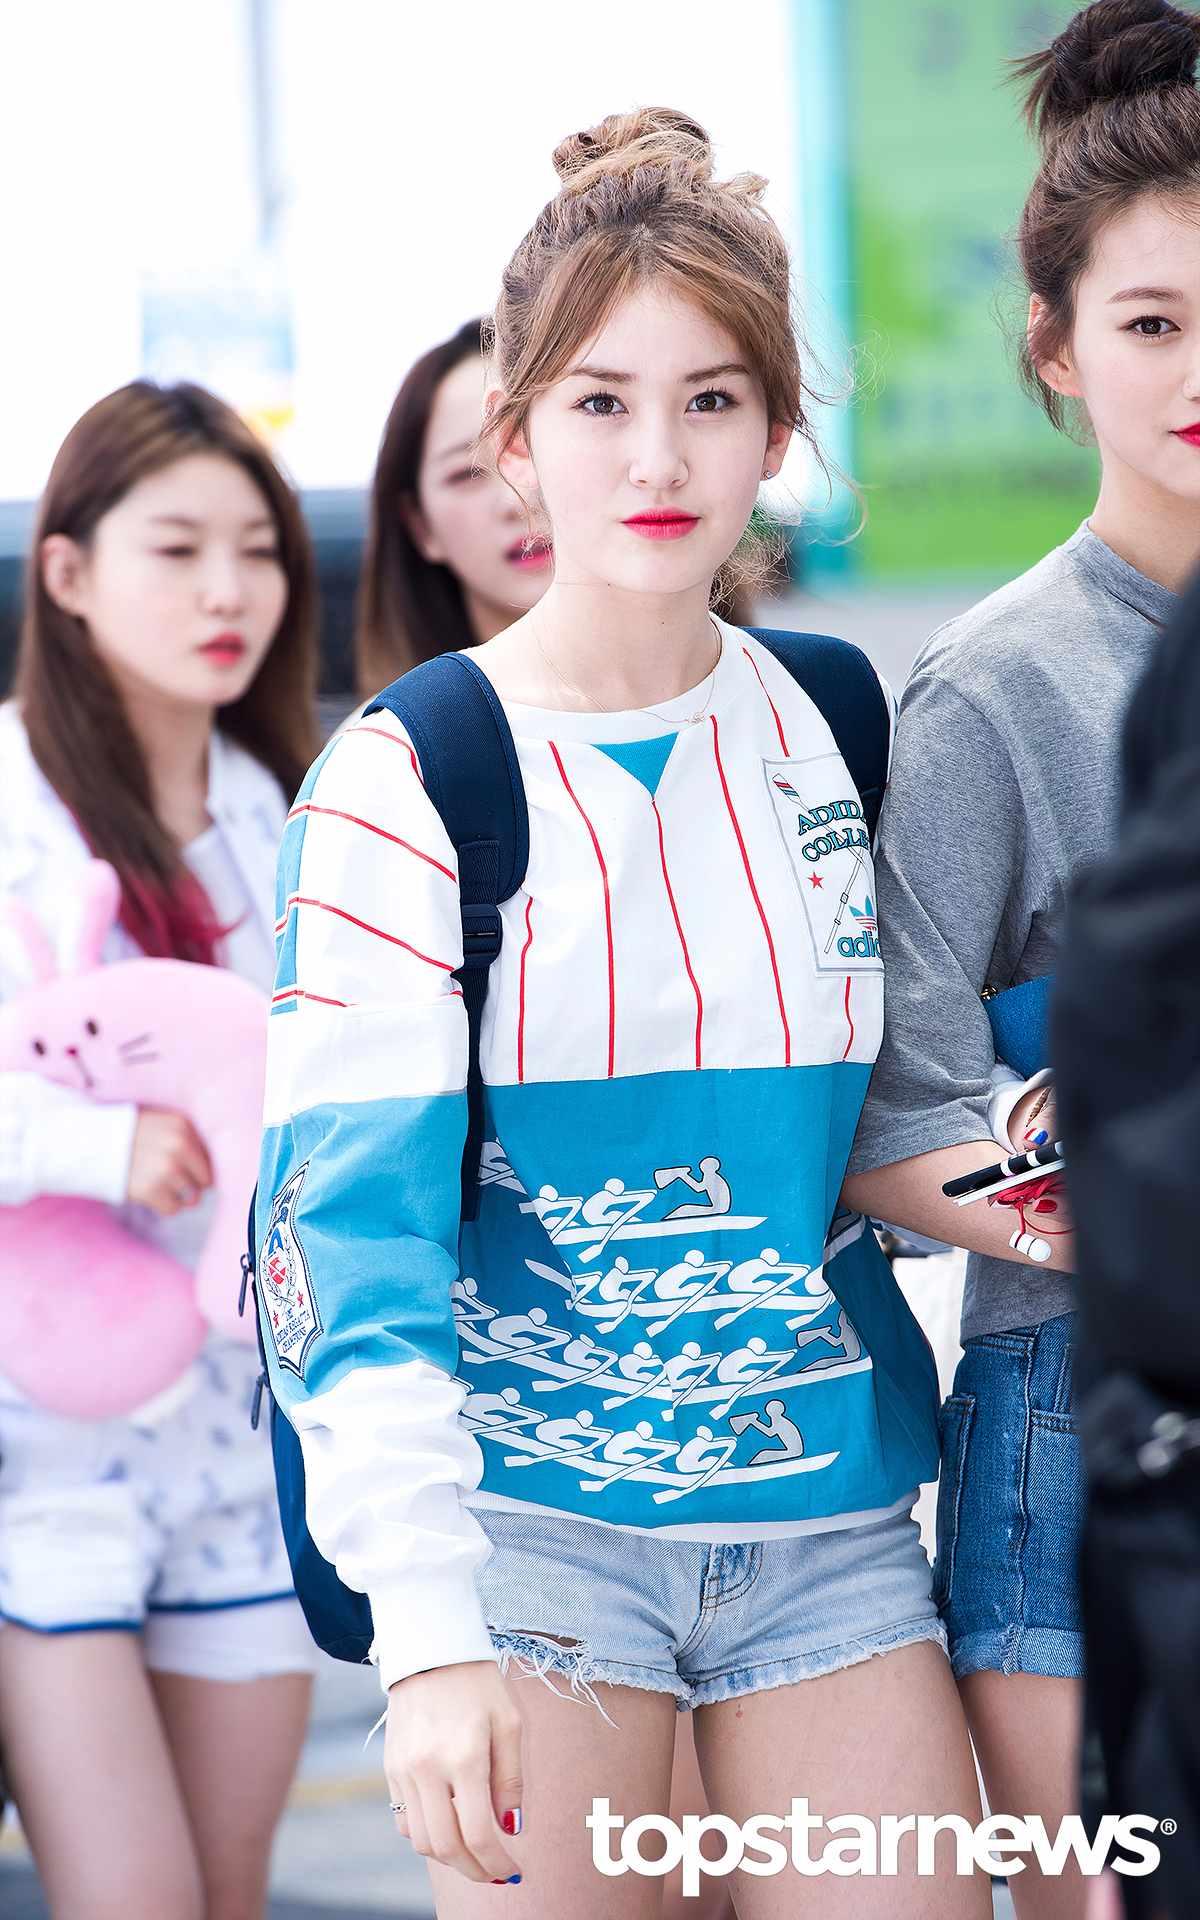 原來是因為Somi由於年齡的限制無法站上2016 KCON France的舞台。據相關規定,未滿15歲的成員Somi在海外進行活動需要事先向相關單位申請工作許可才能進行演藝工作。